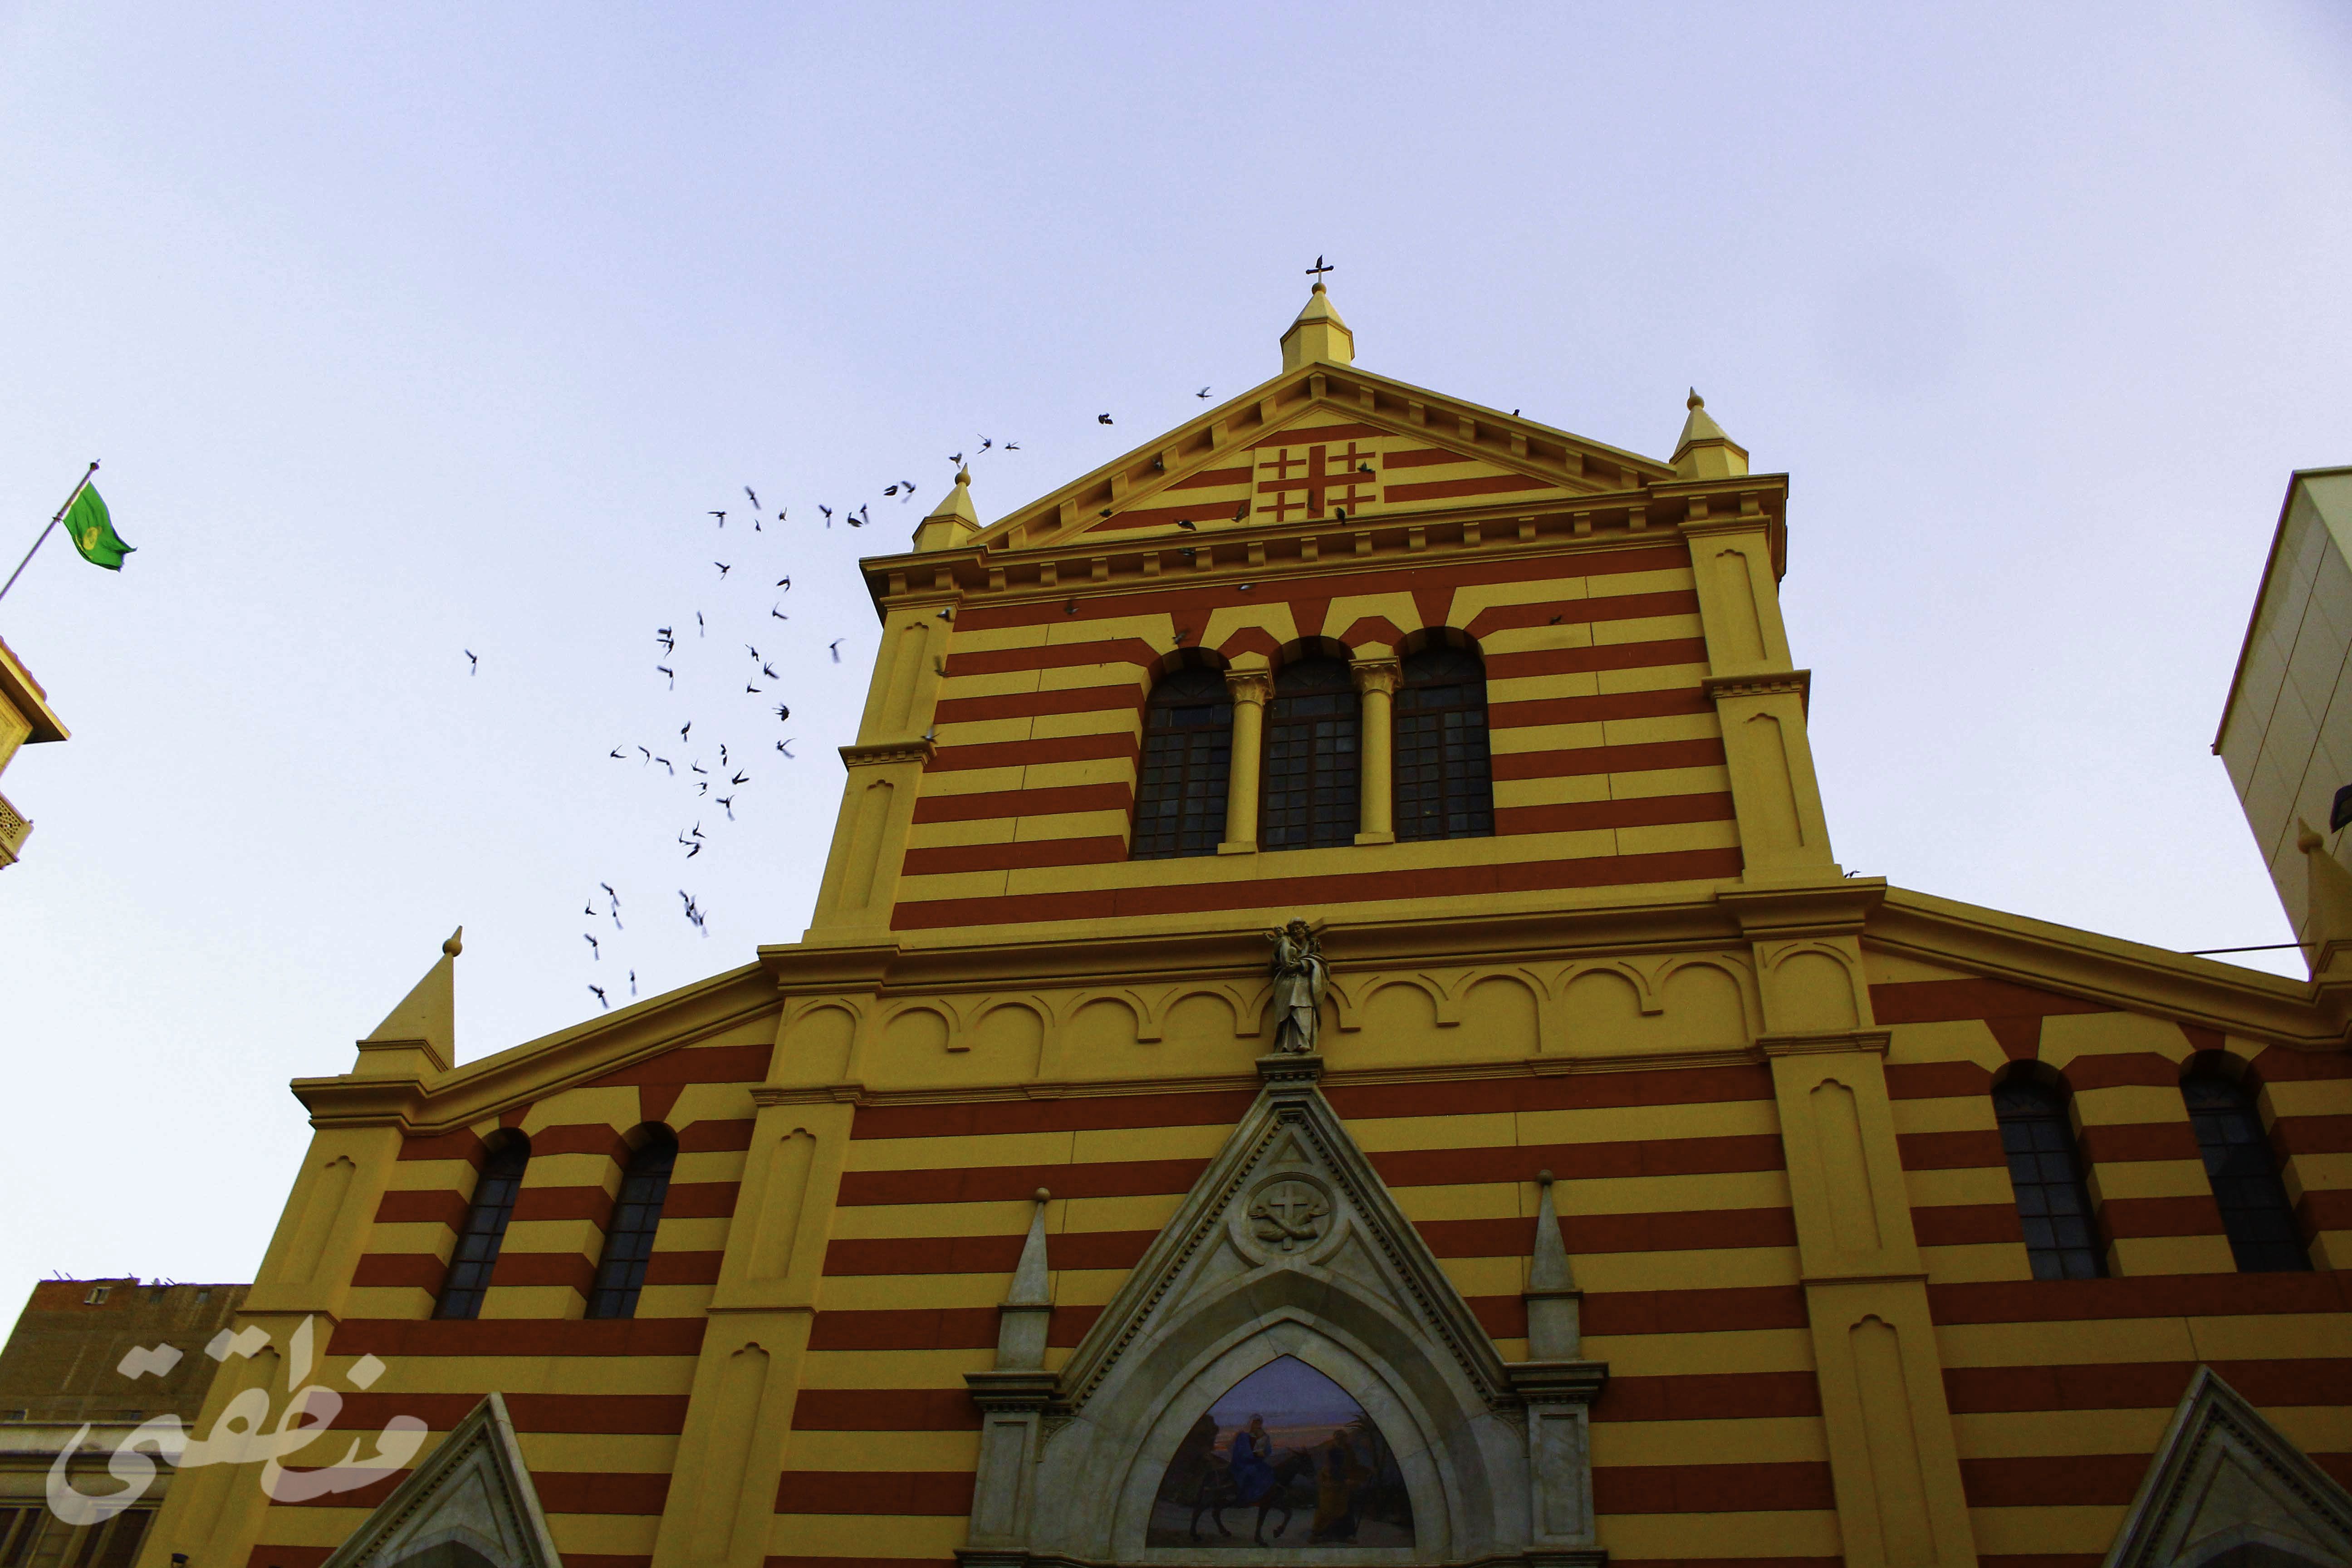 كنيسة سان جوزيف - تصوير- صديق البخشونجي